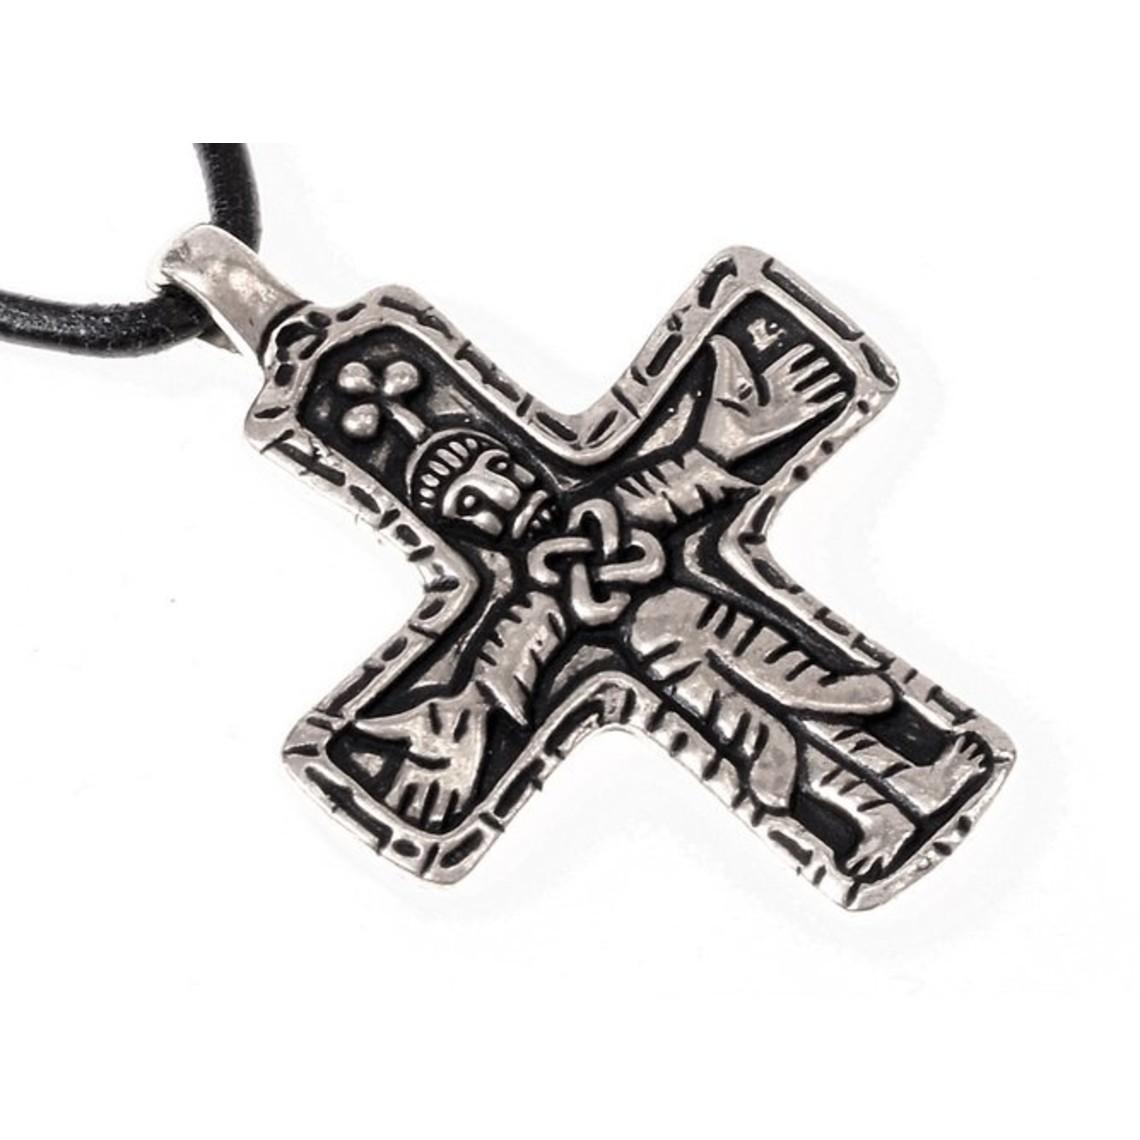 Gotland vichingo gioiello croce, argentato